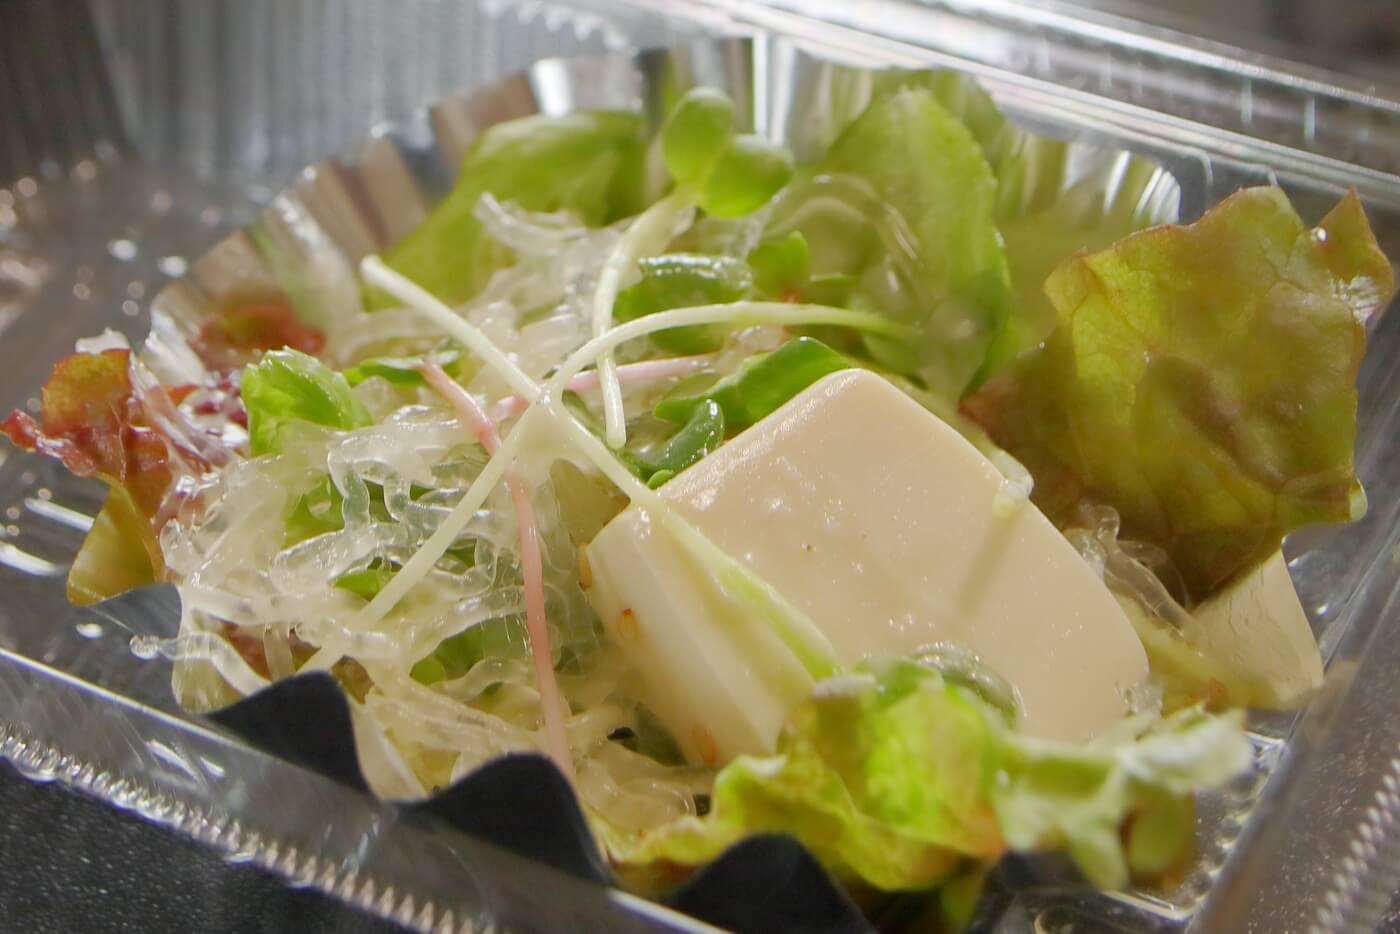 クードゥバレーヌ テイクアウト サラダ